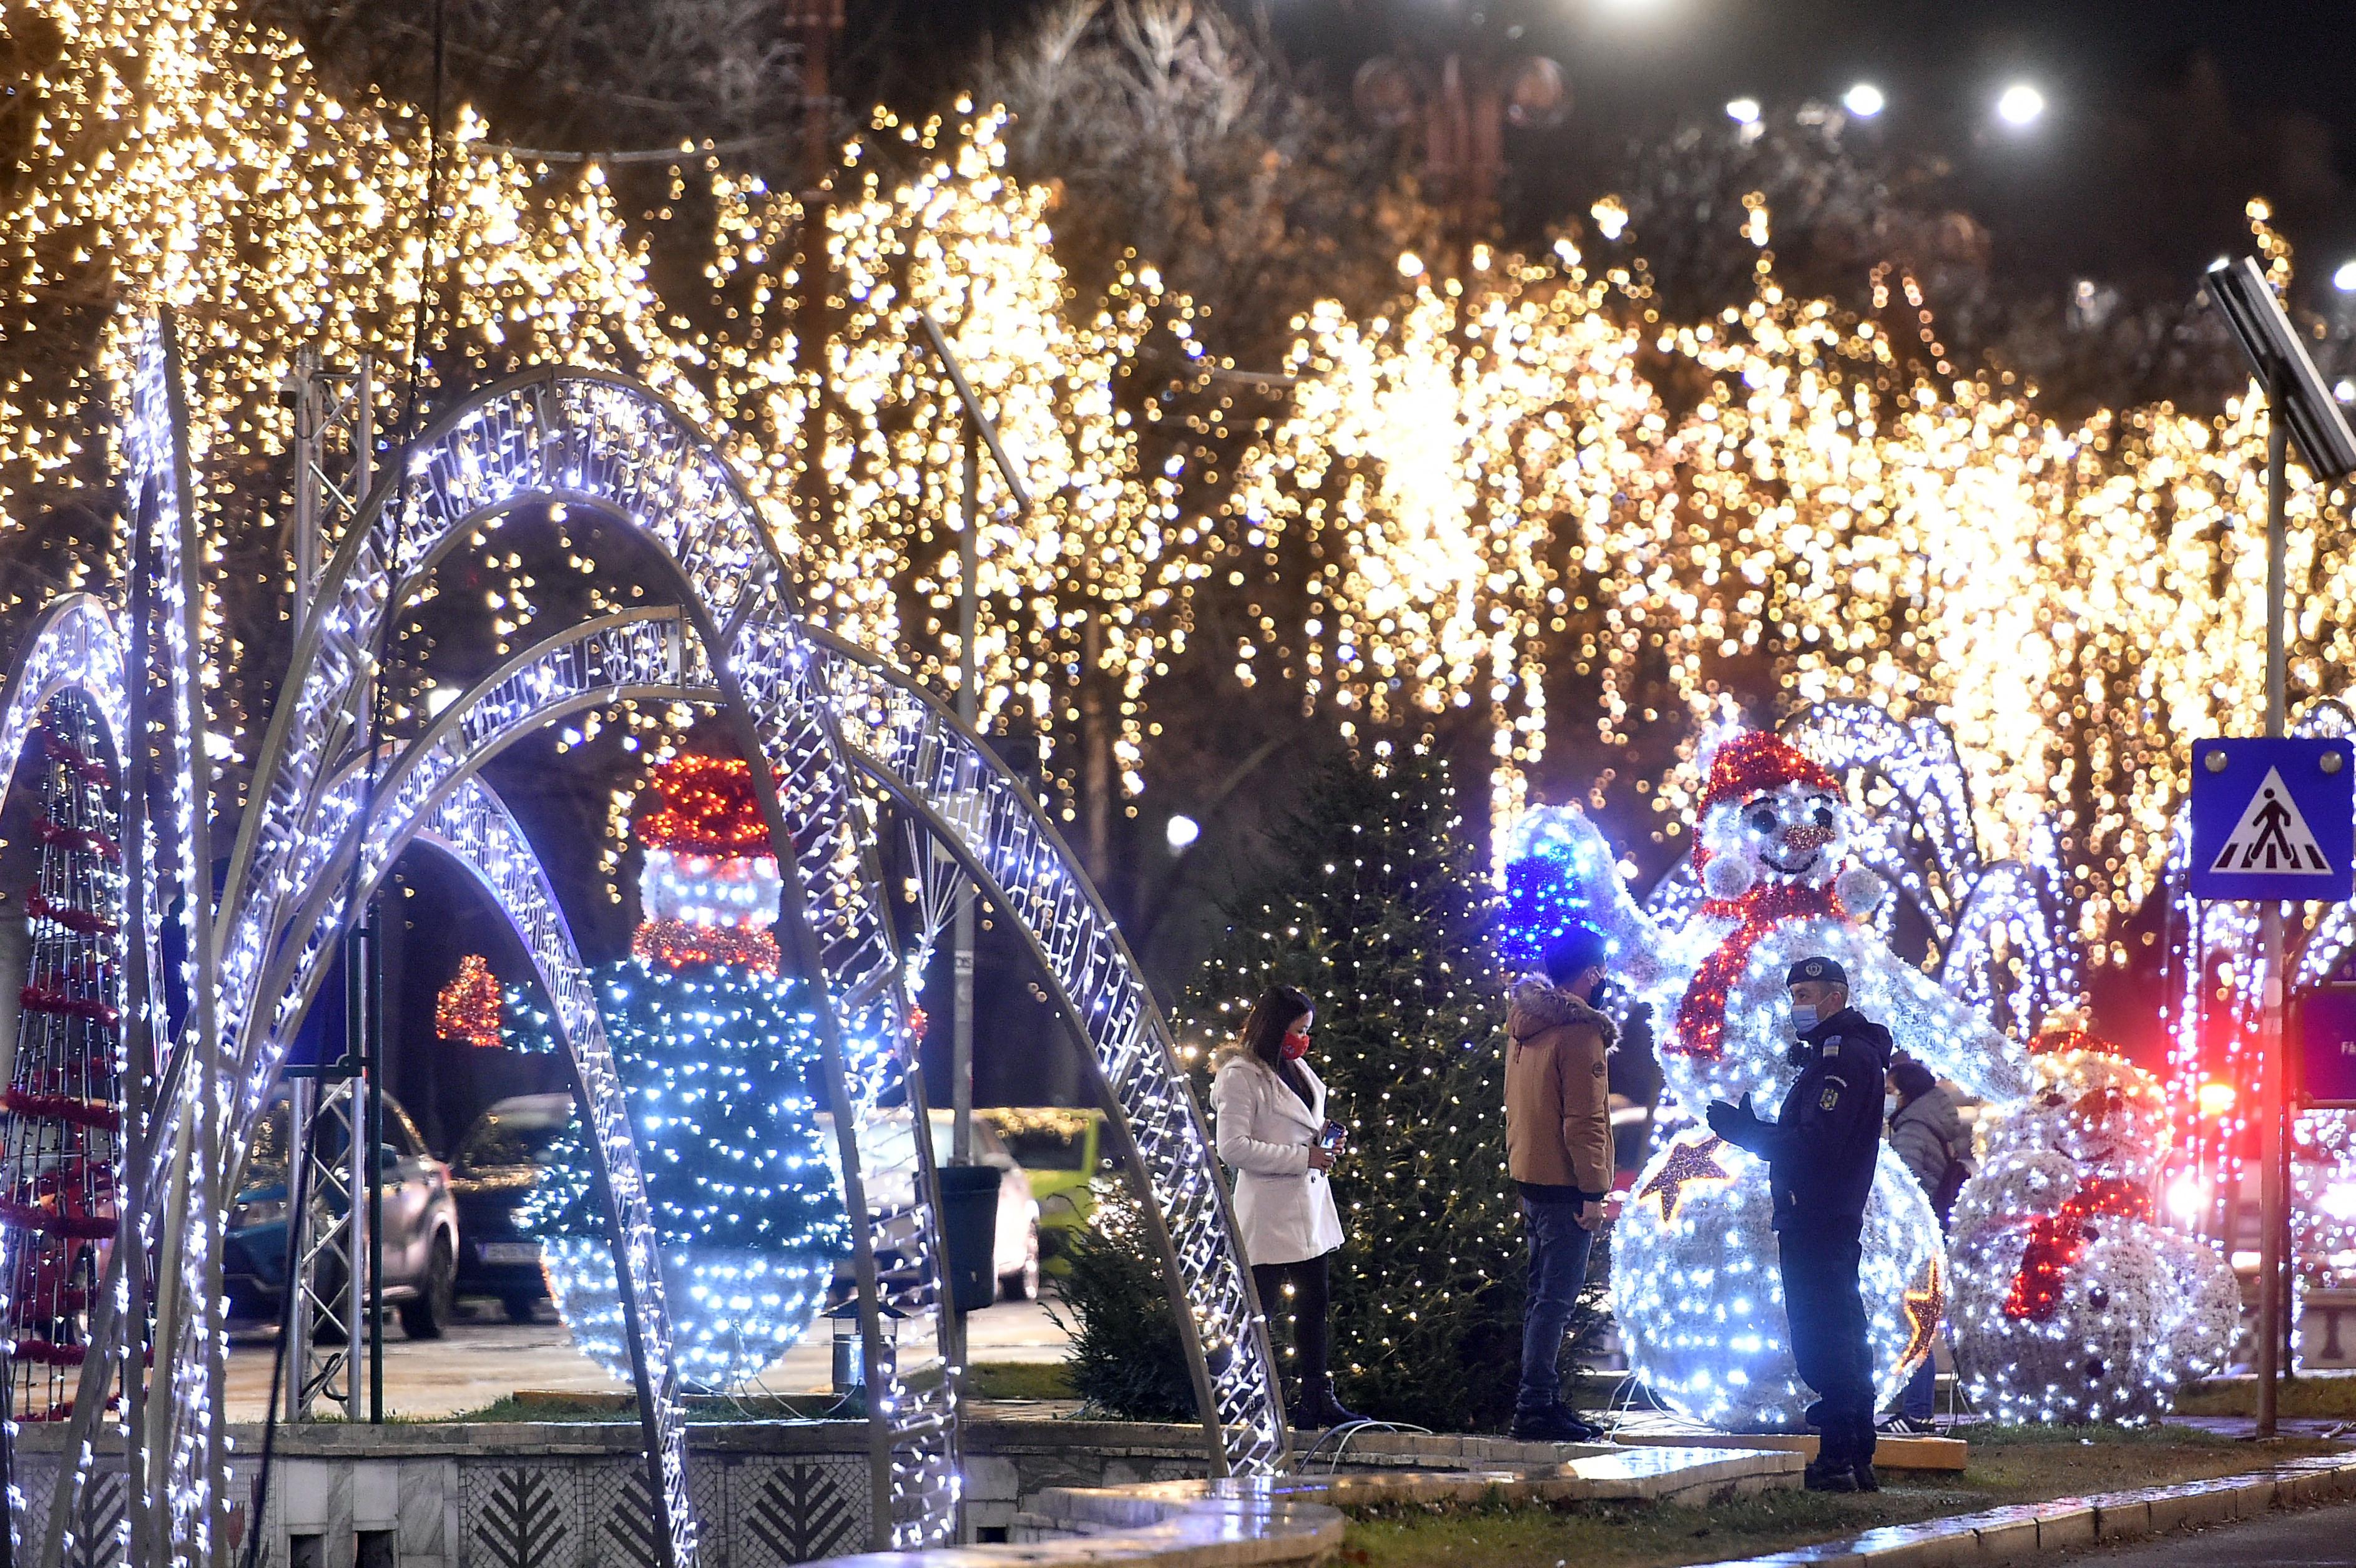 MAI: Sute de petreceri ilegale de Revelion, aproape 4.000 de amenzi pentru nerespectarea regulilor